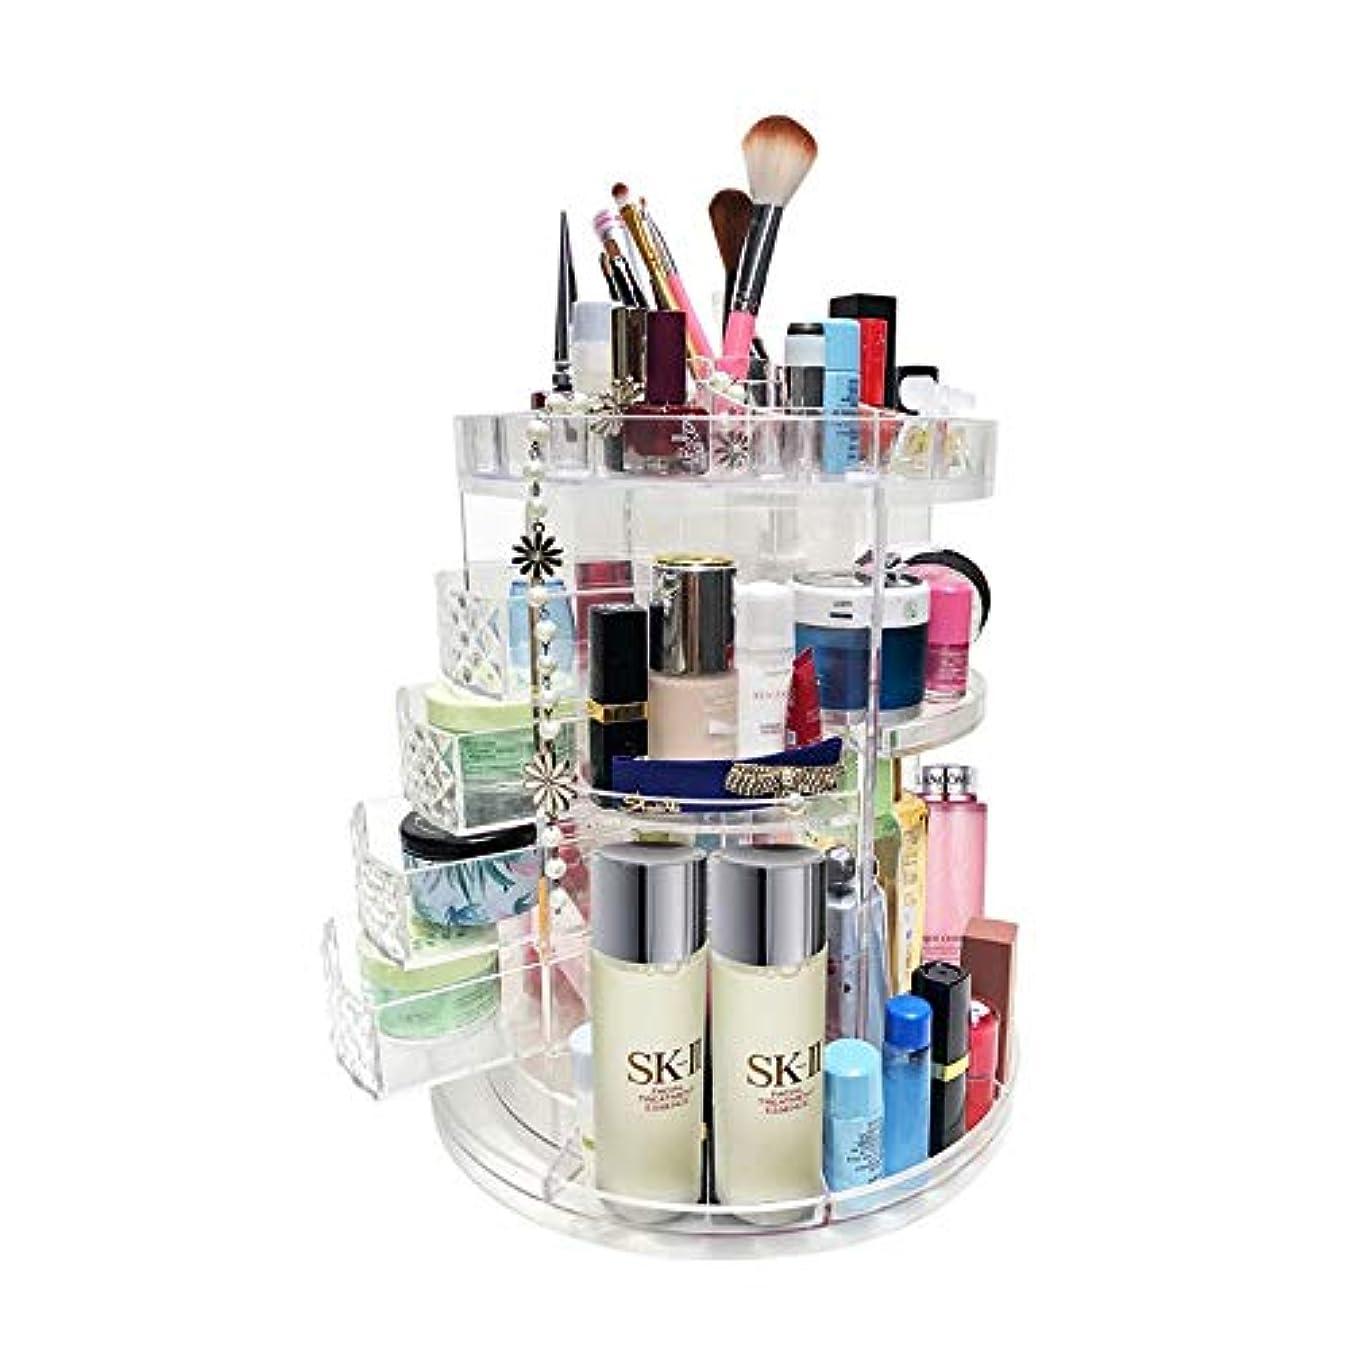 分析するヘクタール運営LEADGO コスメボックス 化粧品収納ボックス メイクボックス360度回転式 化粧品収納ケース 透明 大容量 引き出し付きストレージタワー